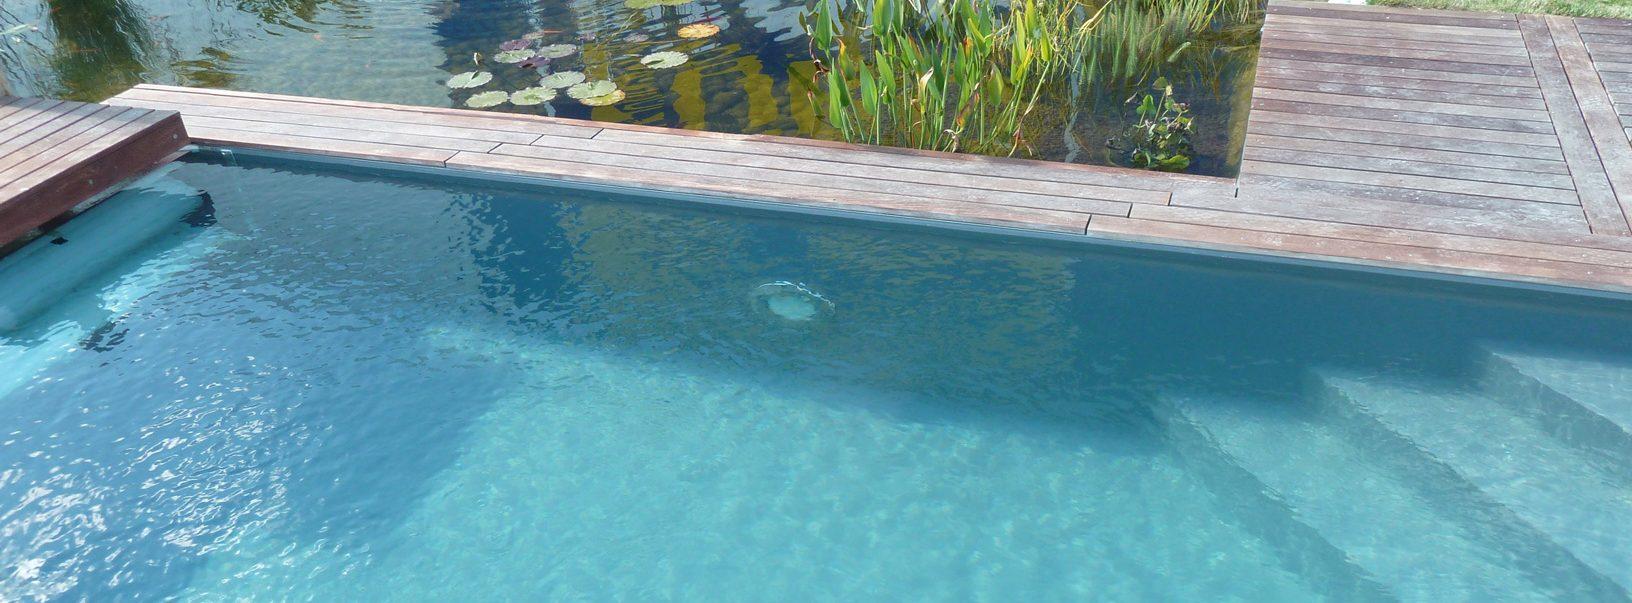 Exemple d'escalier de piscine en angle droit